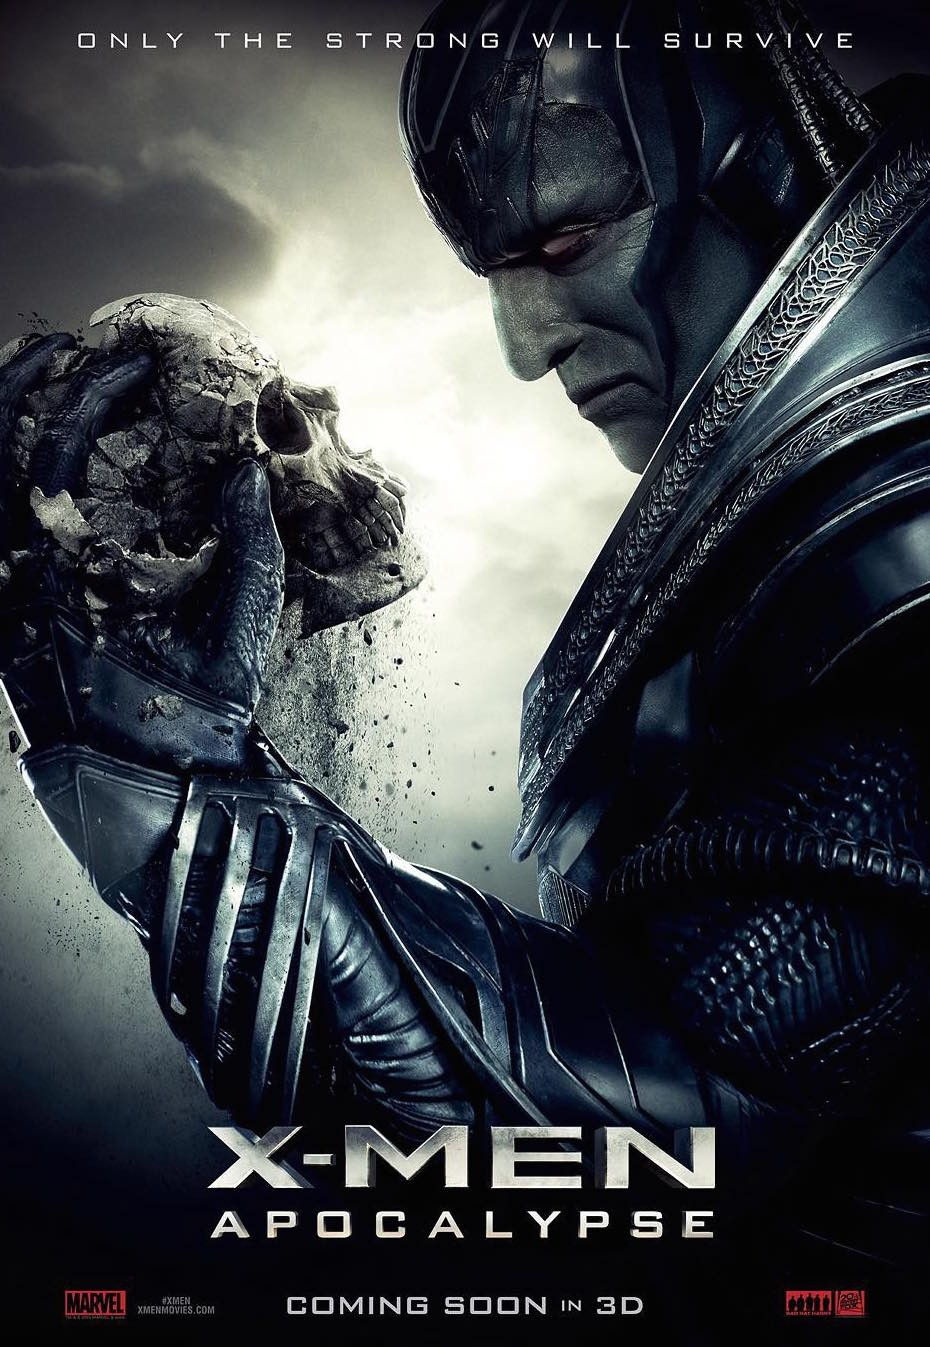 X-Men: Apocalypse Poster #3